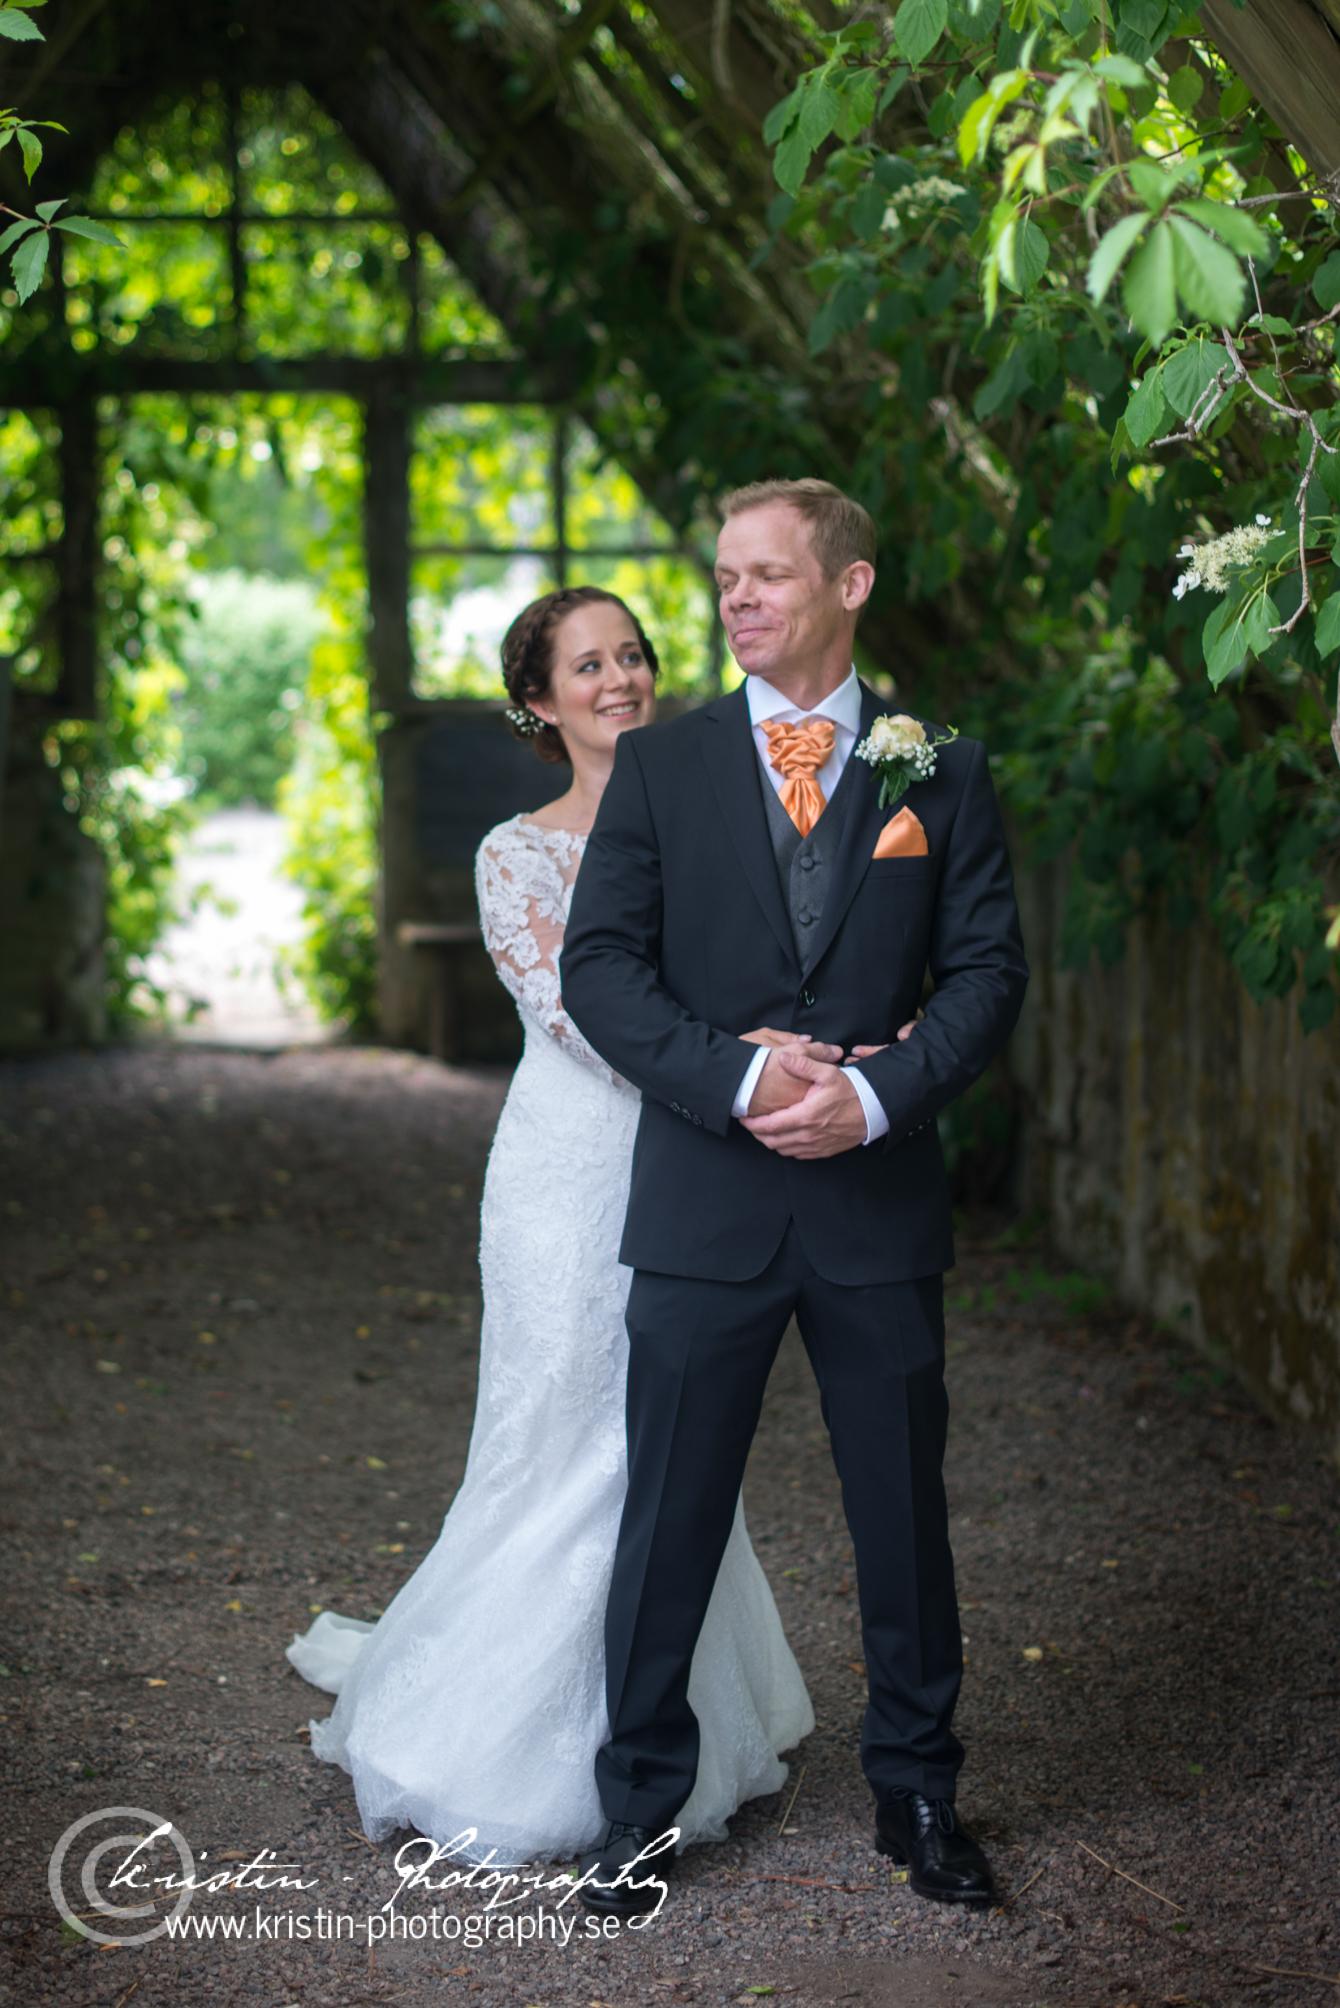 Bröllopsfotograf i Eskilstuna, Kristin - Photography, weddingphotographer -28.jpg